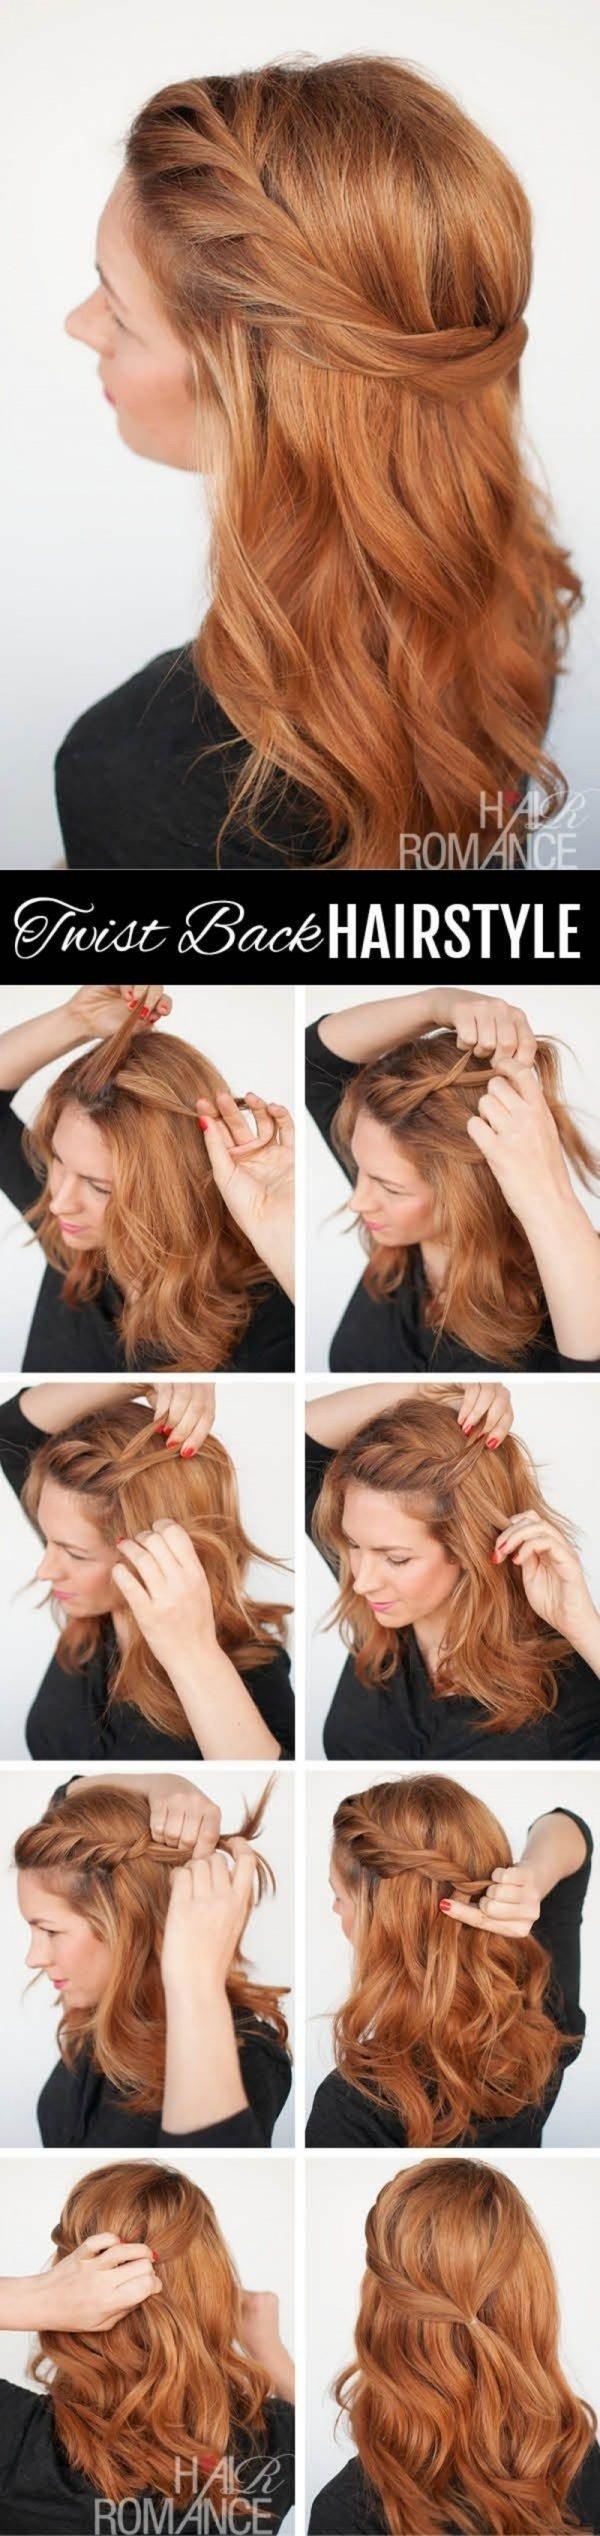 hair,brown,hairstyle,fur,long hair,